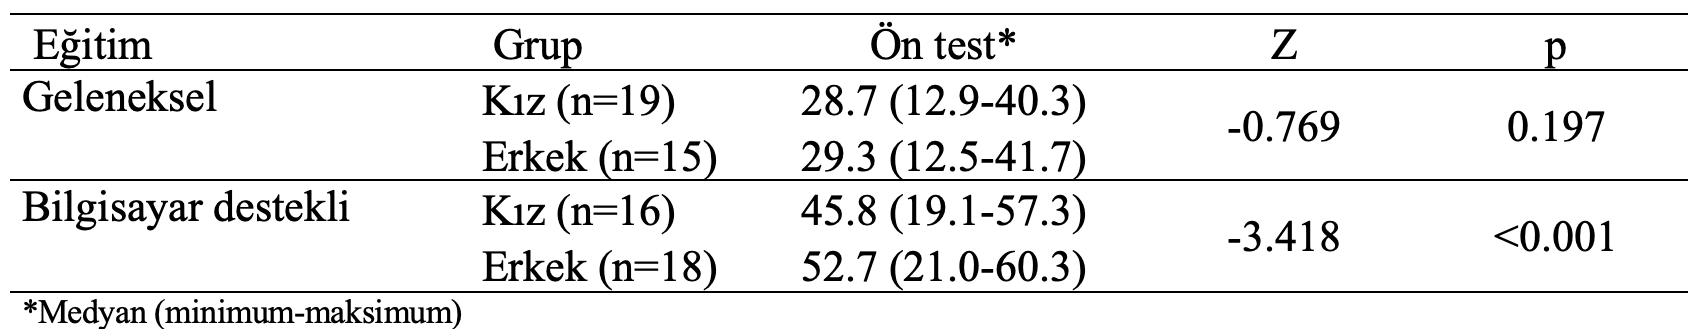 geleneksel bilgisayar desteki ön test cinsiyete karşılaştırma